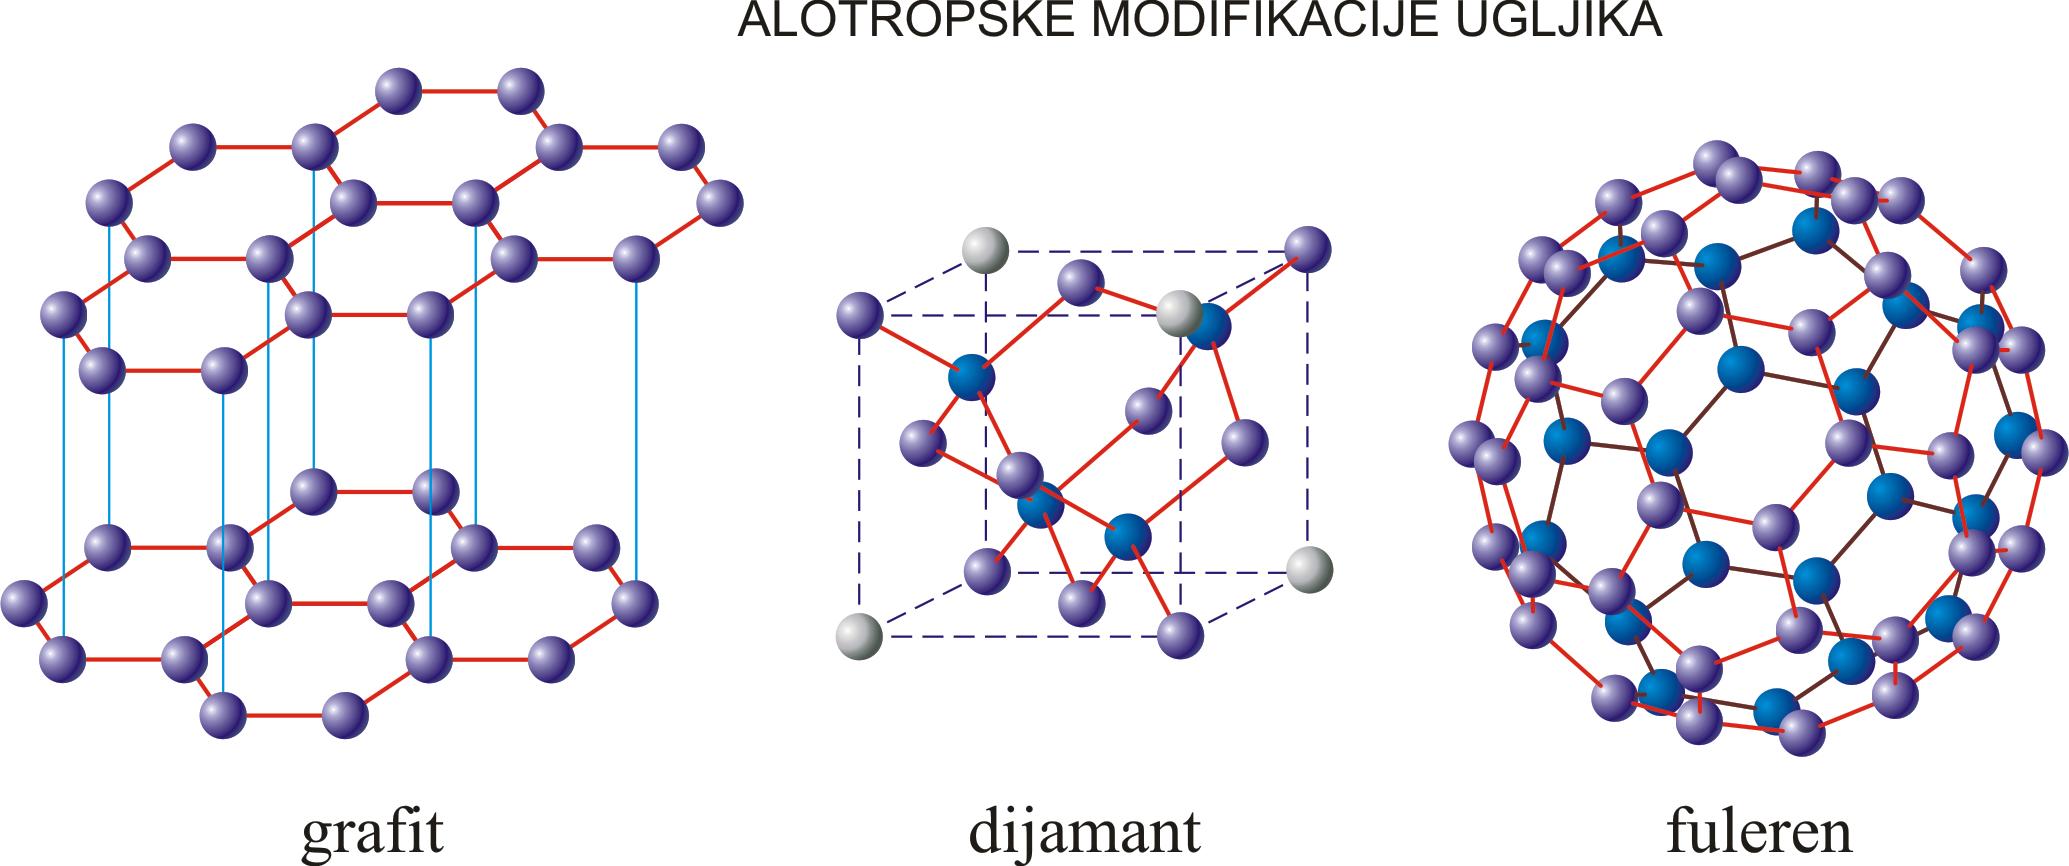 Alotropske modifikacije ugljika